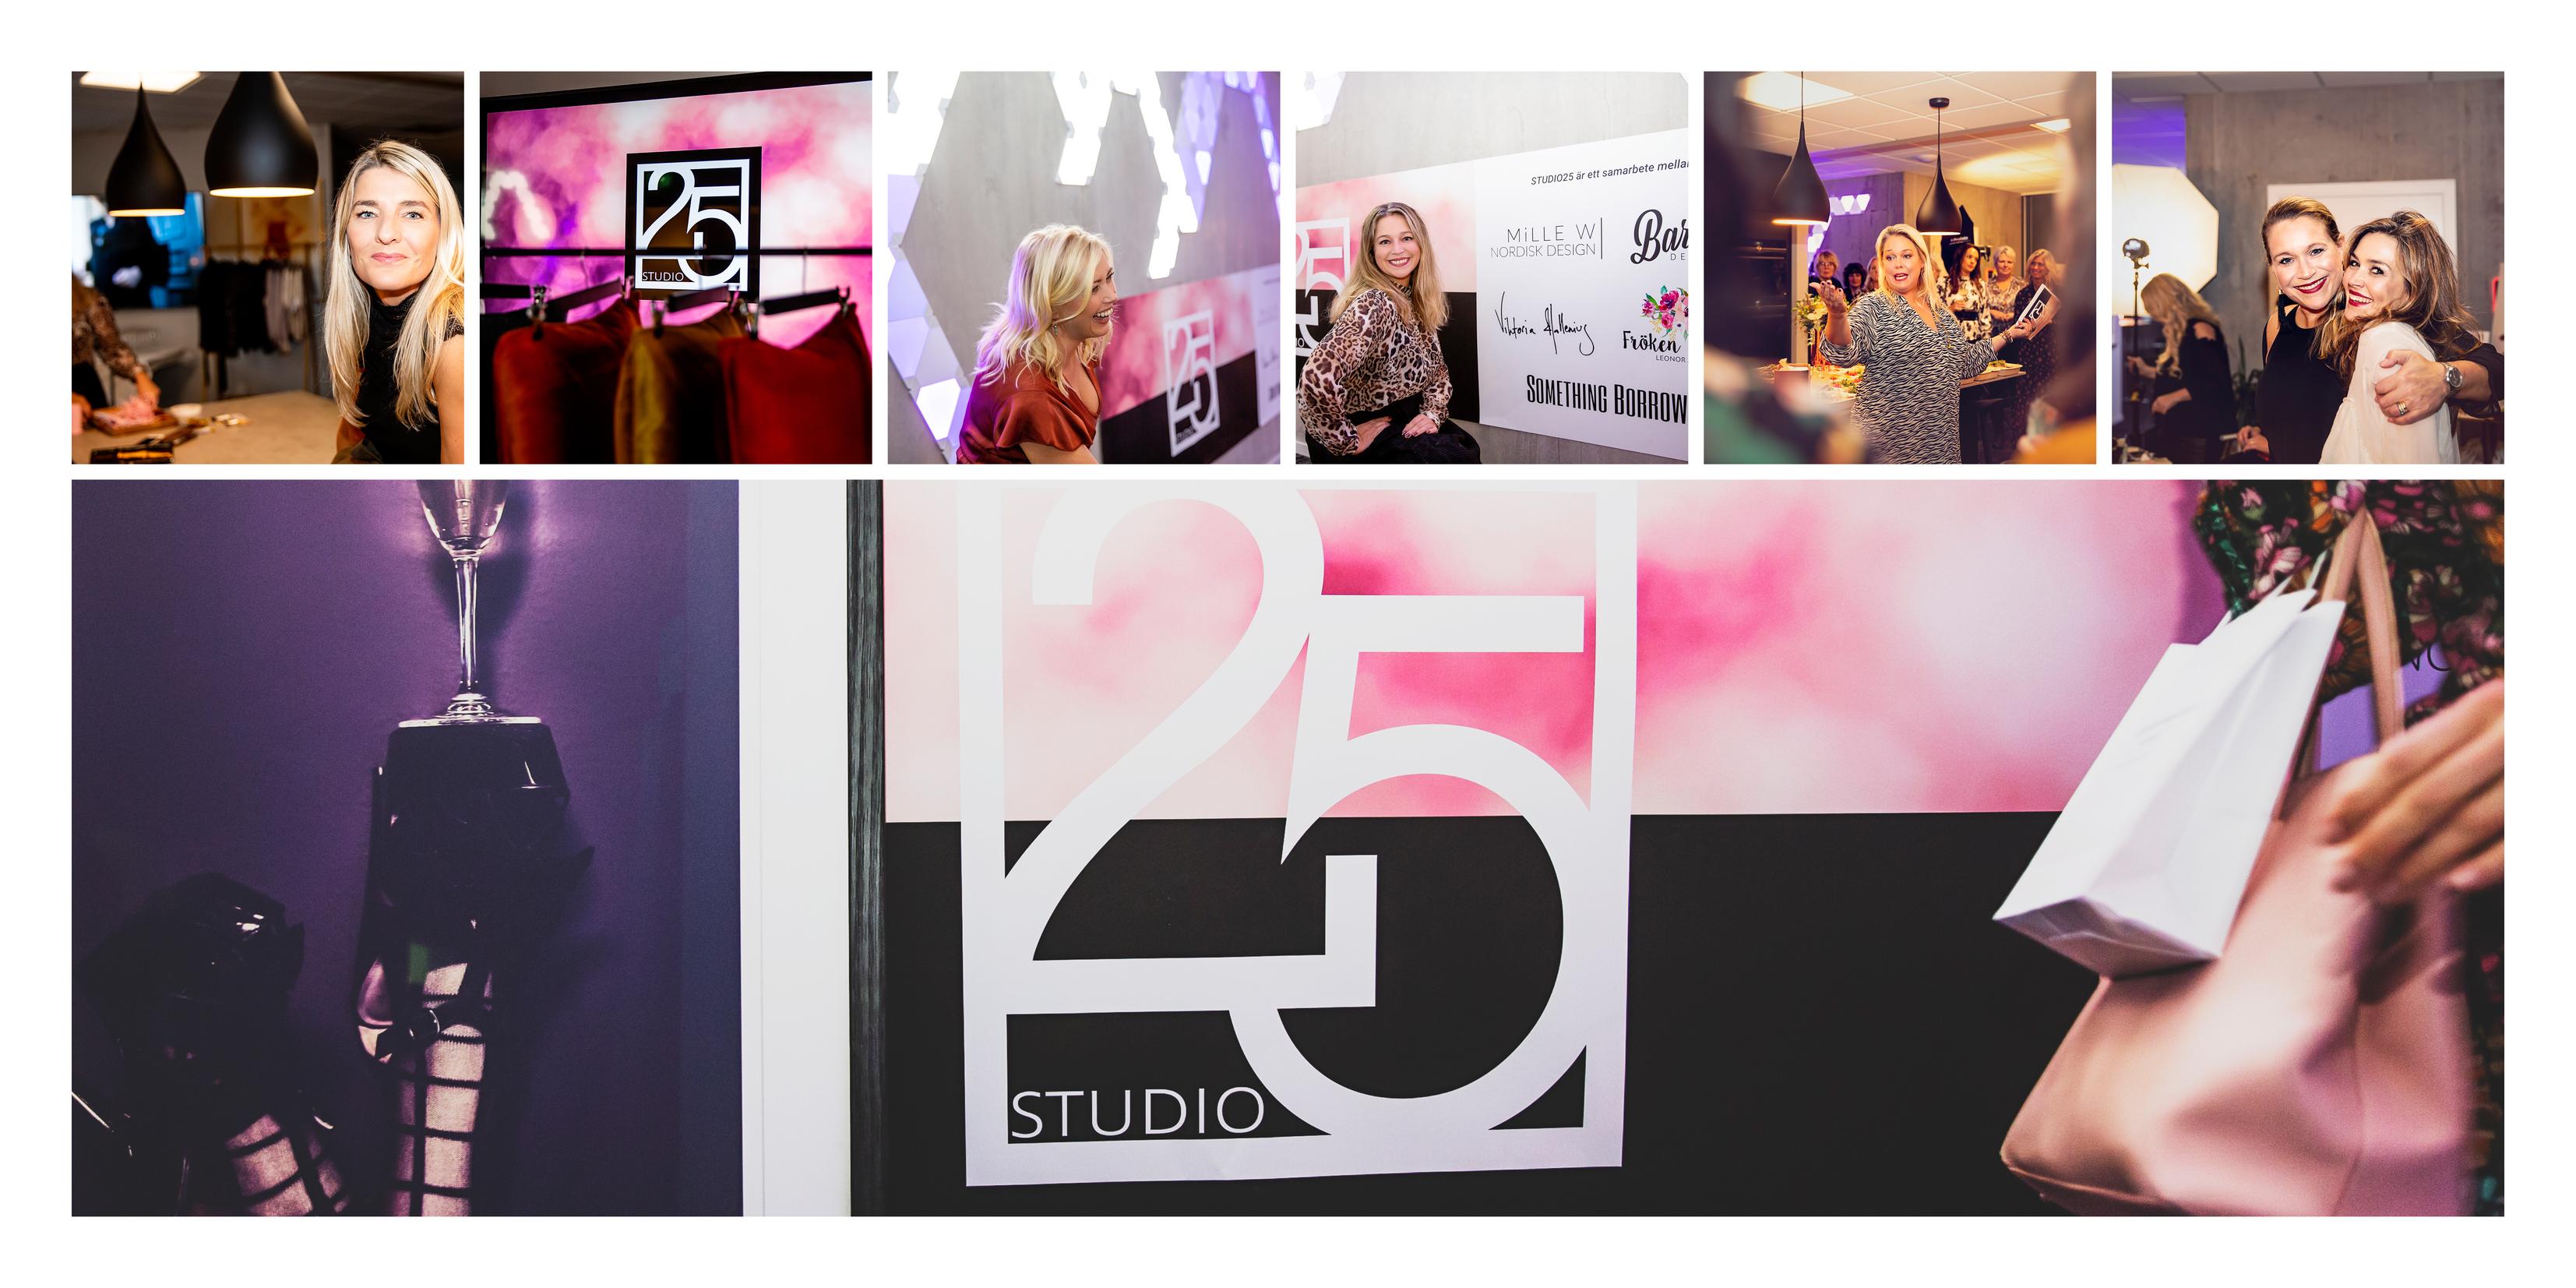 Det kvinnliga nätverket Studio25